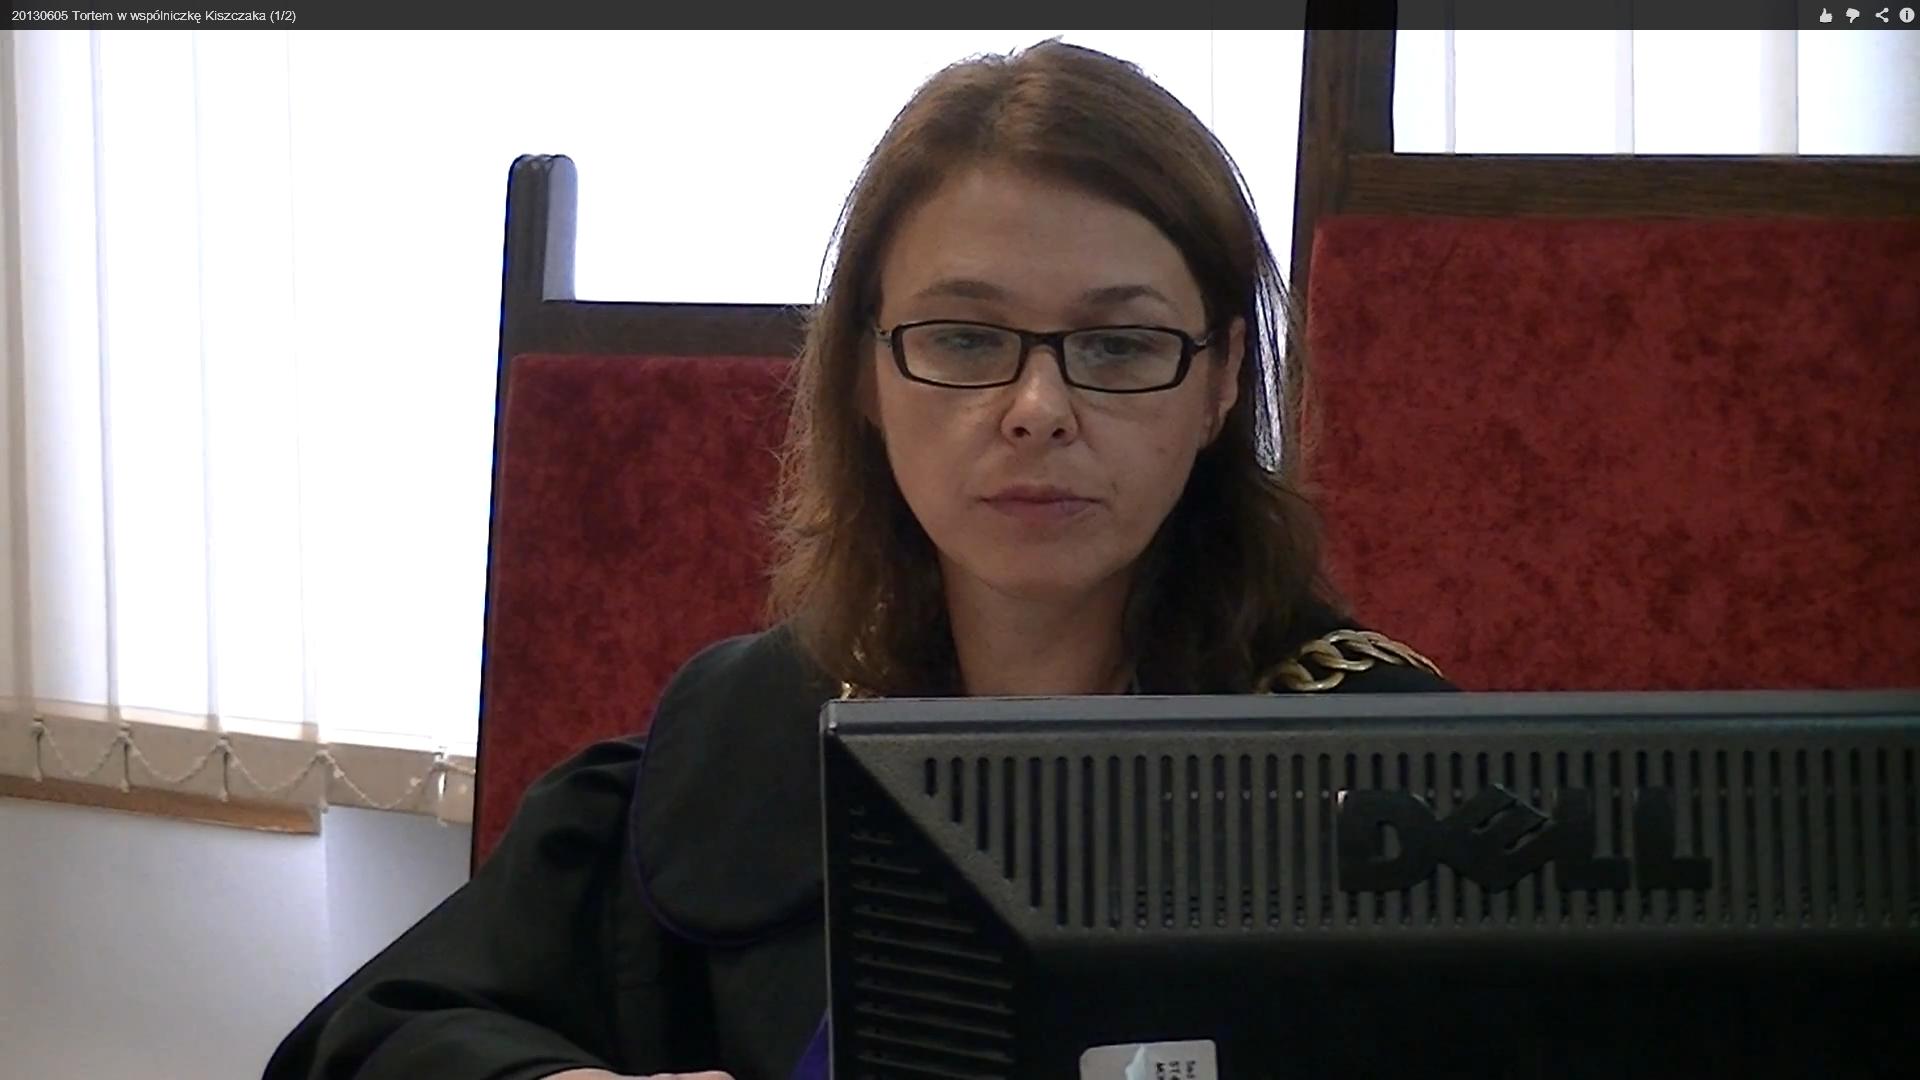 WOLNY CZYN (własny film): Tortem w wspólniczkę Kiszczaka